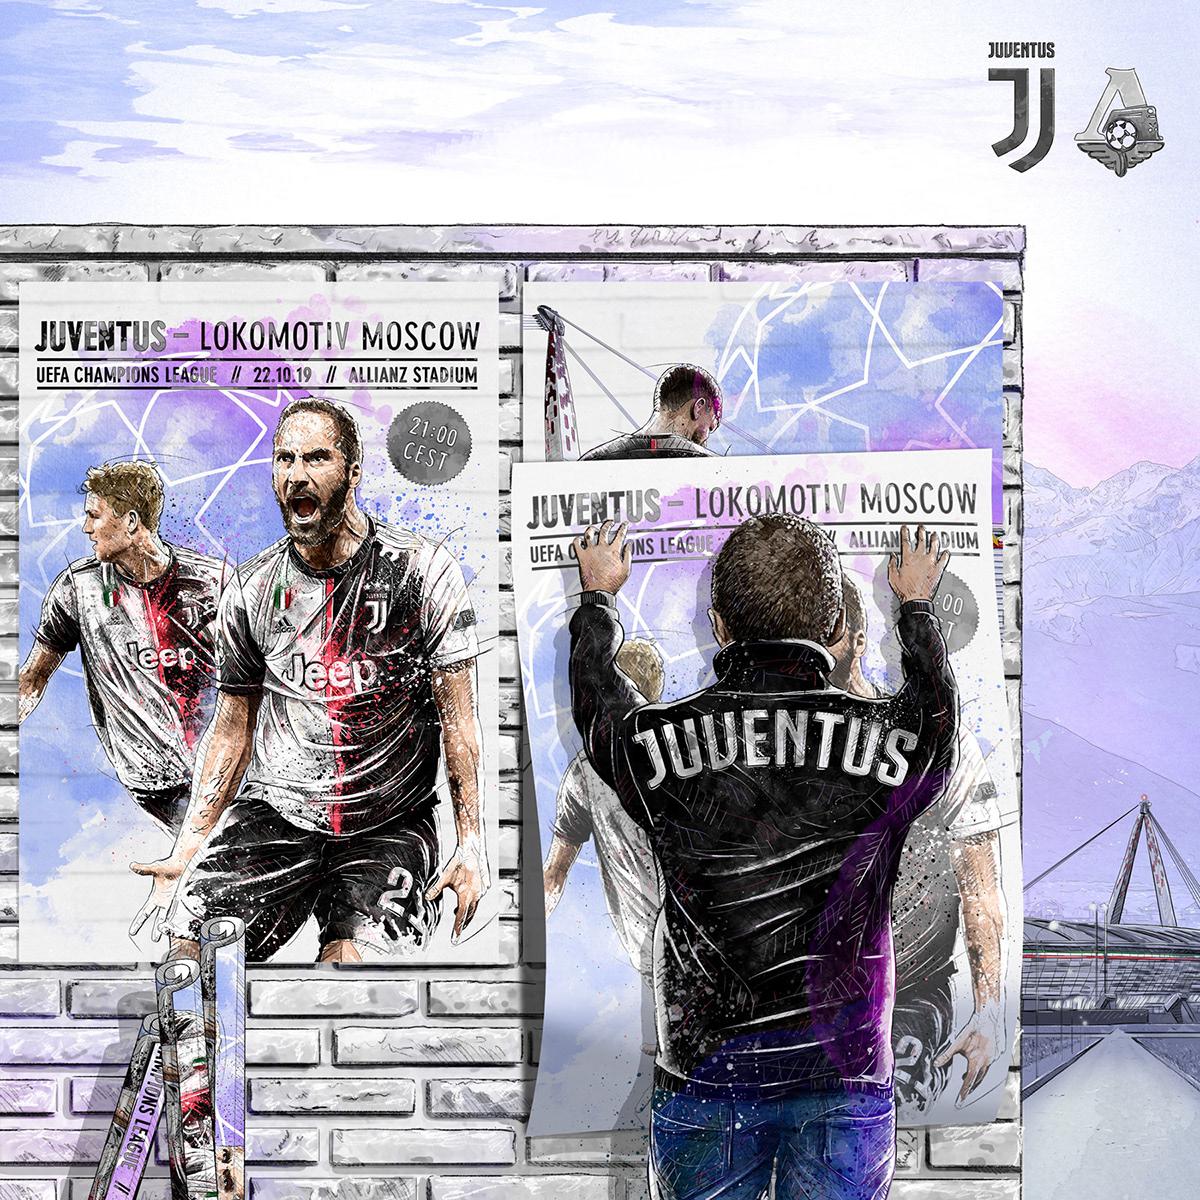 Dynamic sport/football illustration for Juventus vs Lokomotiv Moscow. Higuain, de ligt, stadium